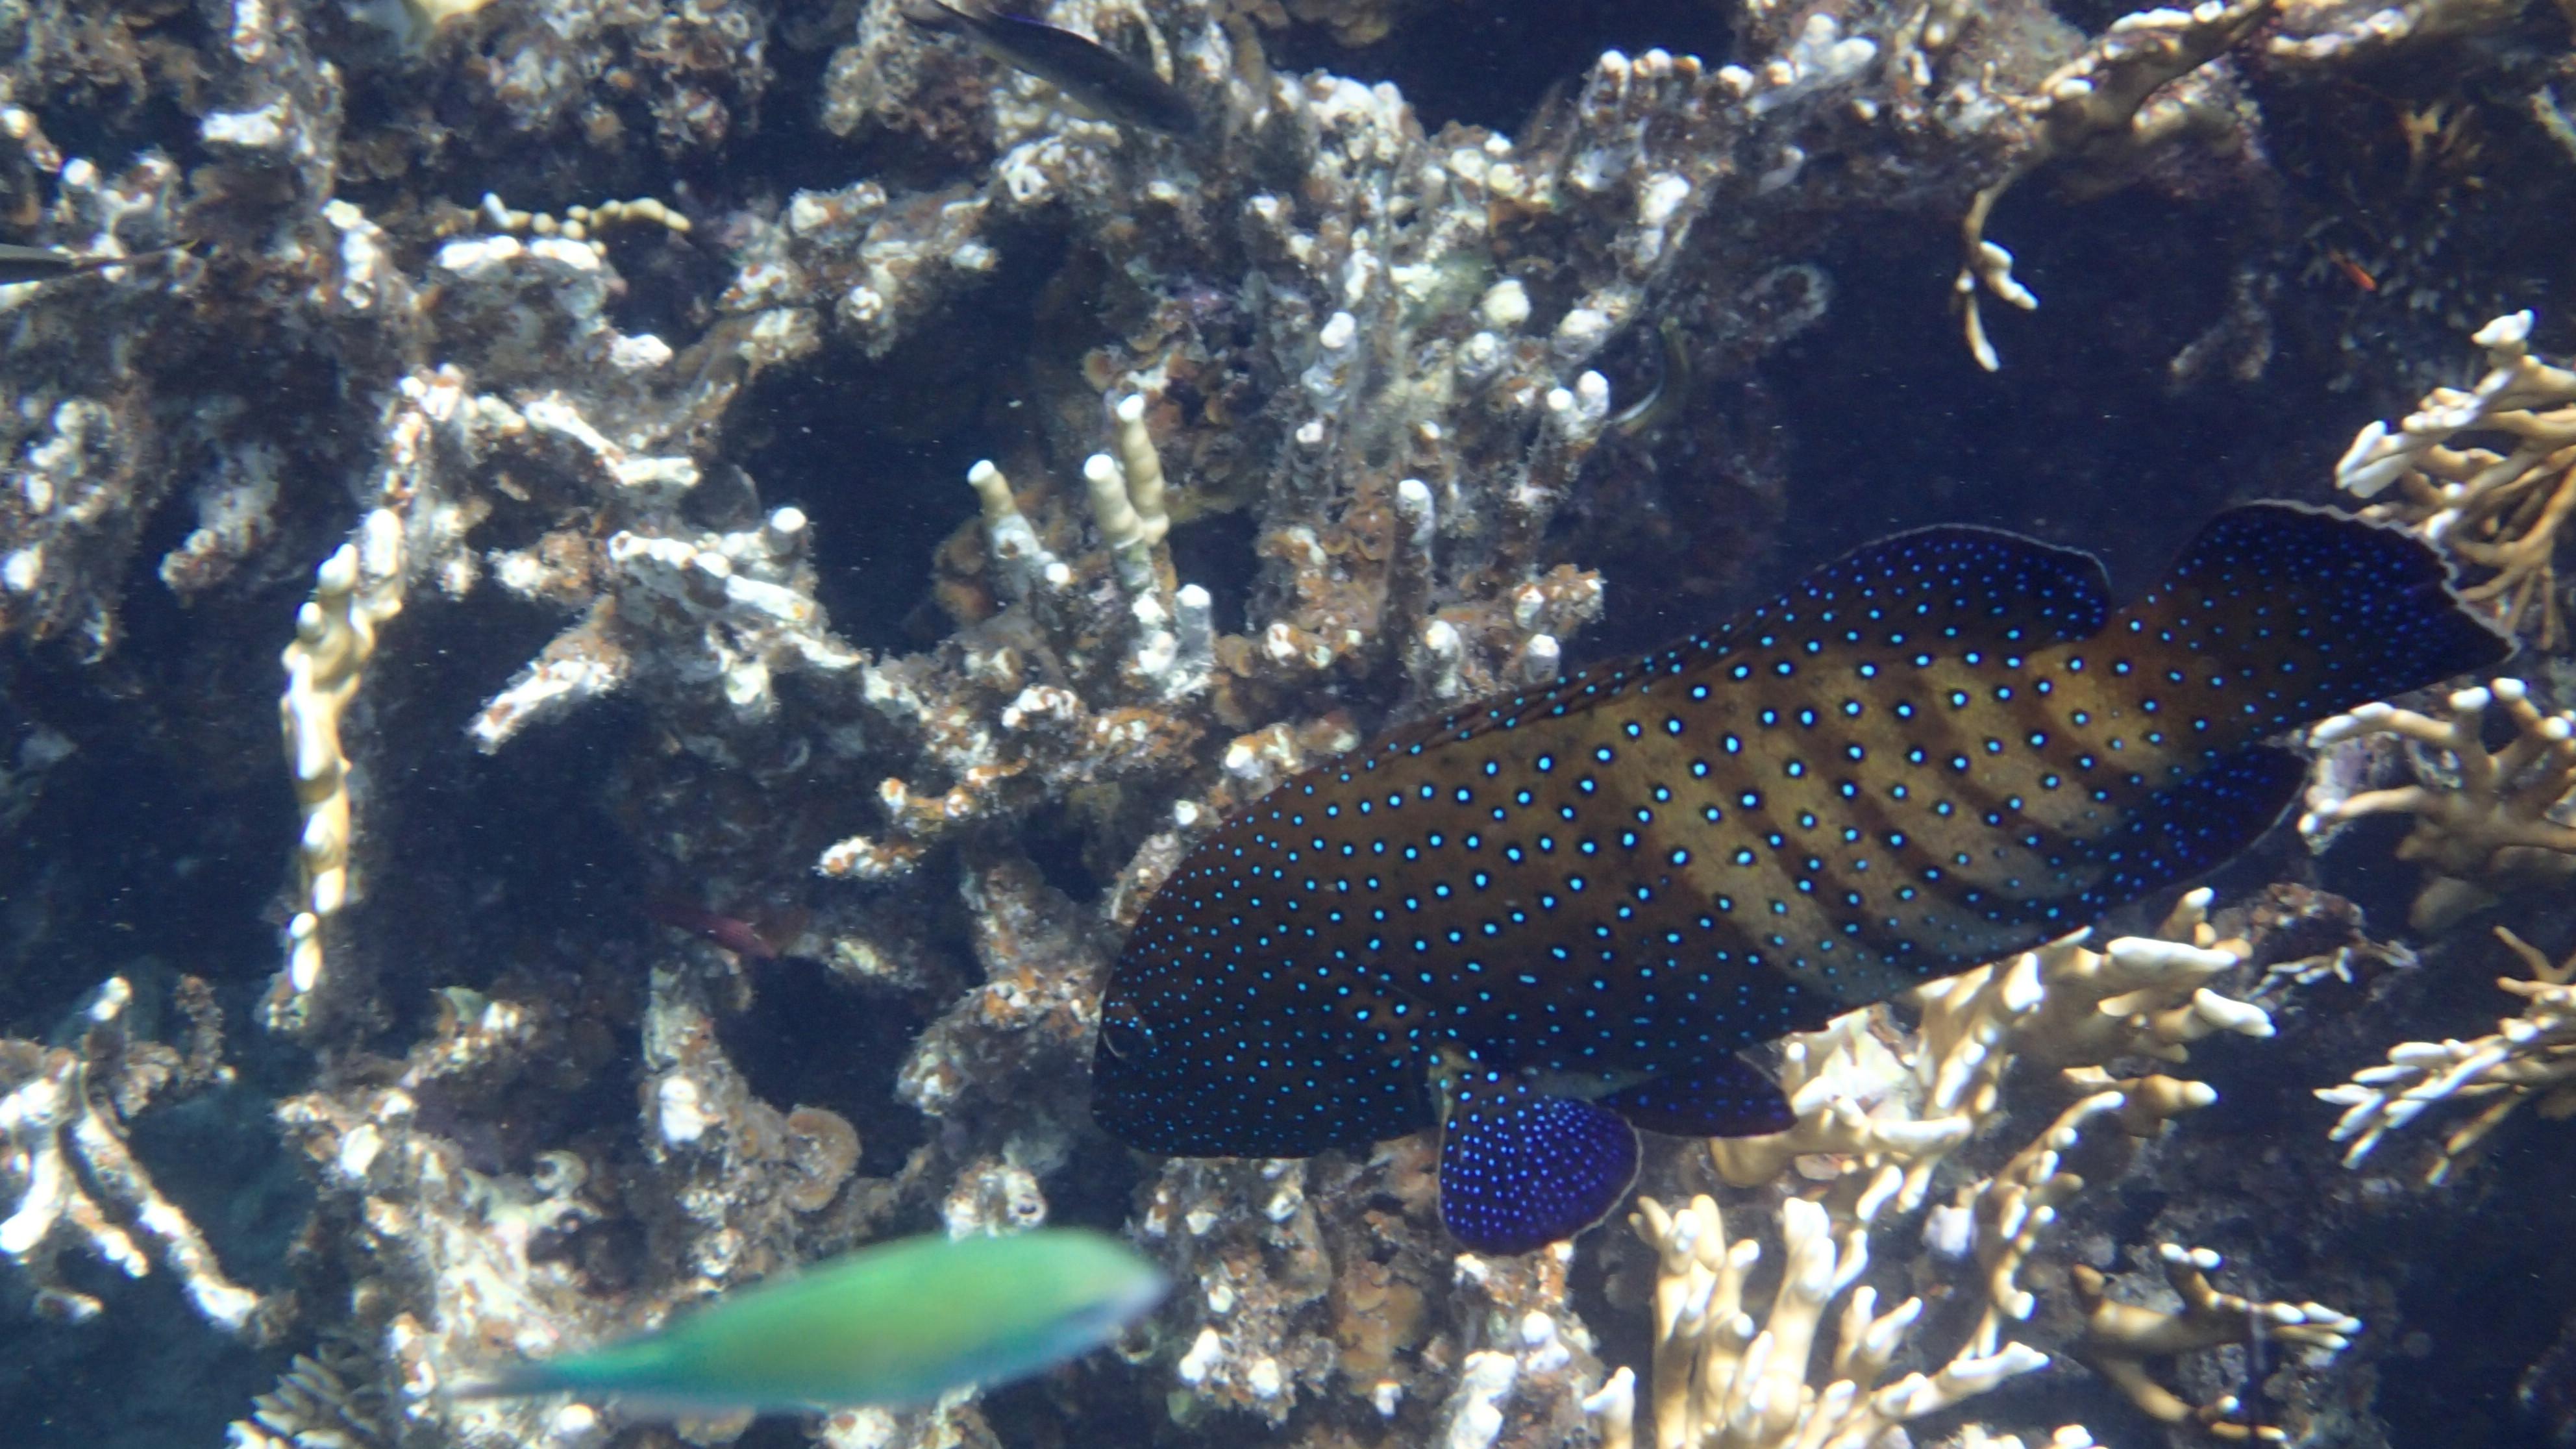 Павлинья гаррупа, лат.Cephalopholis argus, анг.Peacock grouper